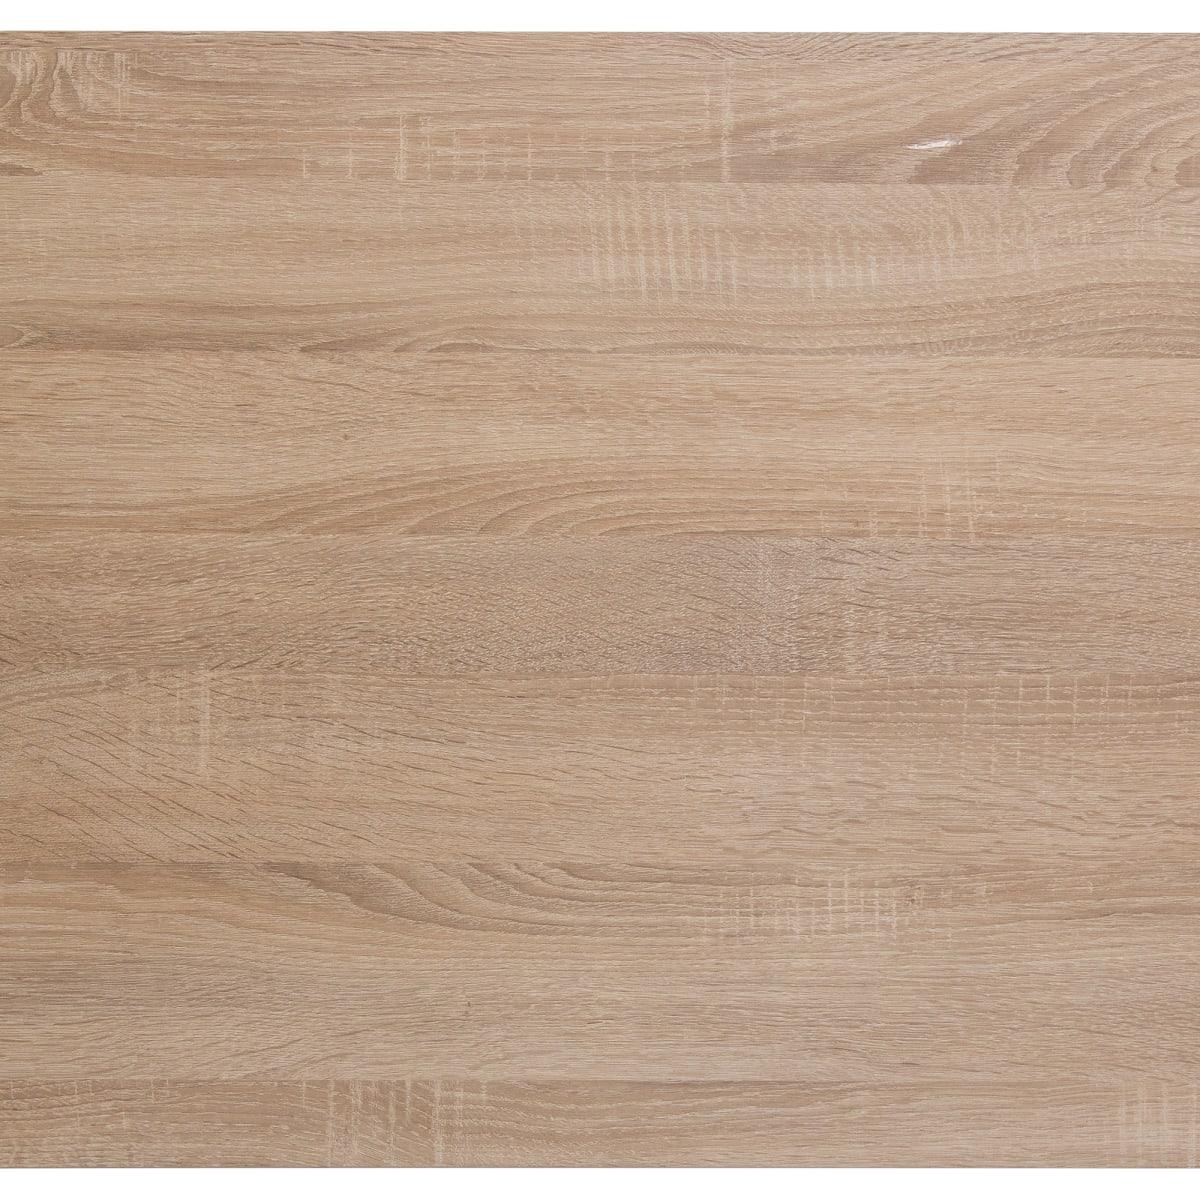 Стеновая панель «Вереск» 240х0.6х60 см, МДФ, цвет бежевый